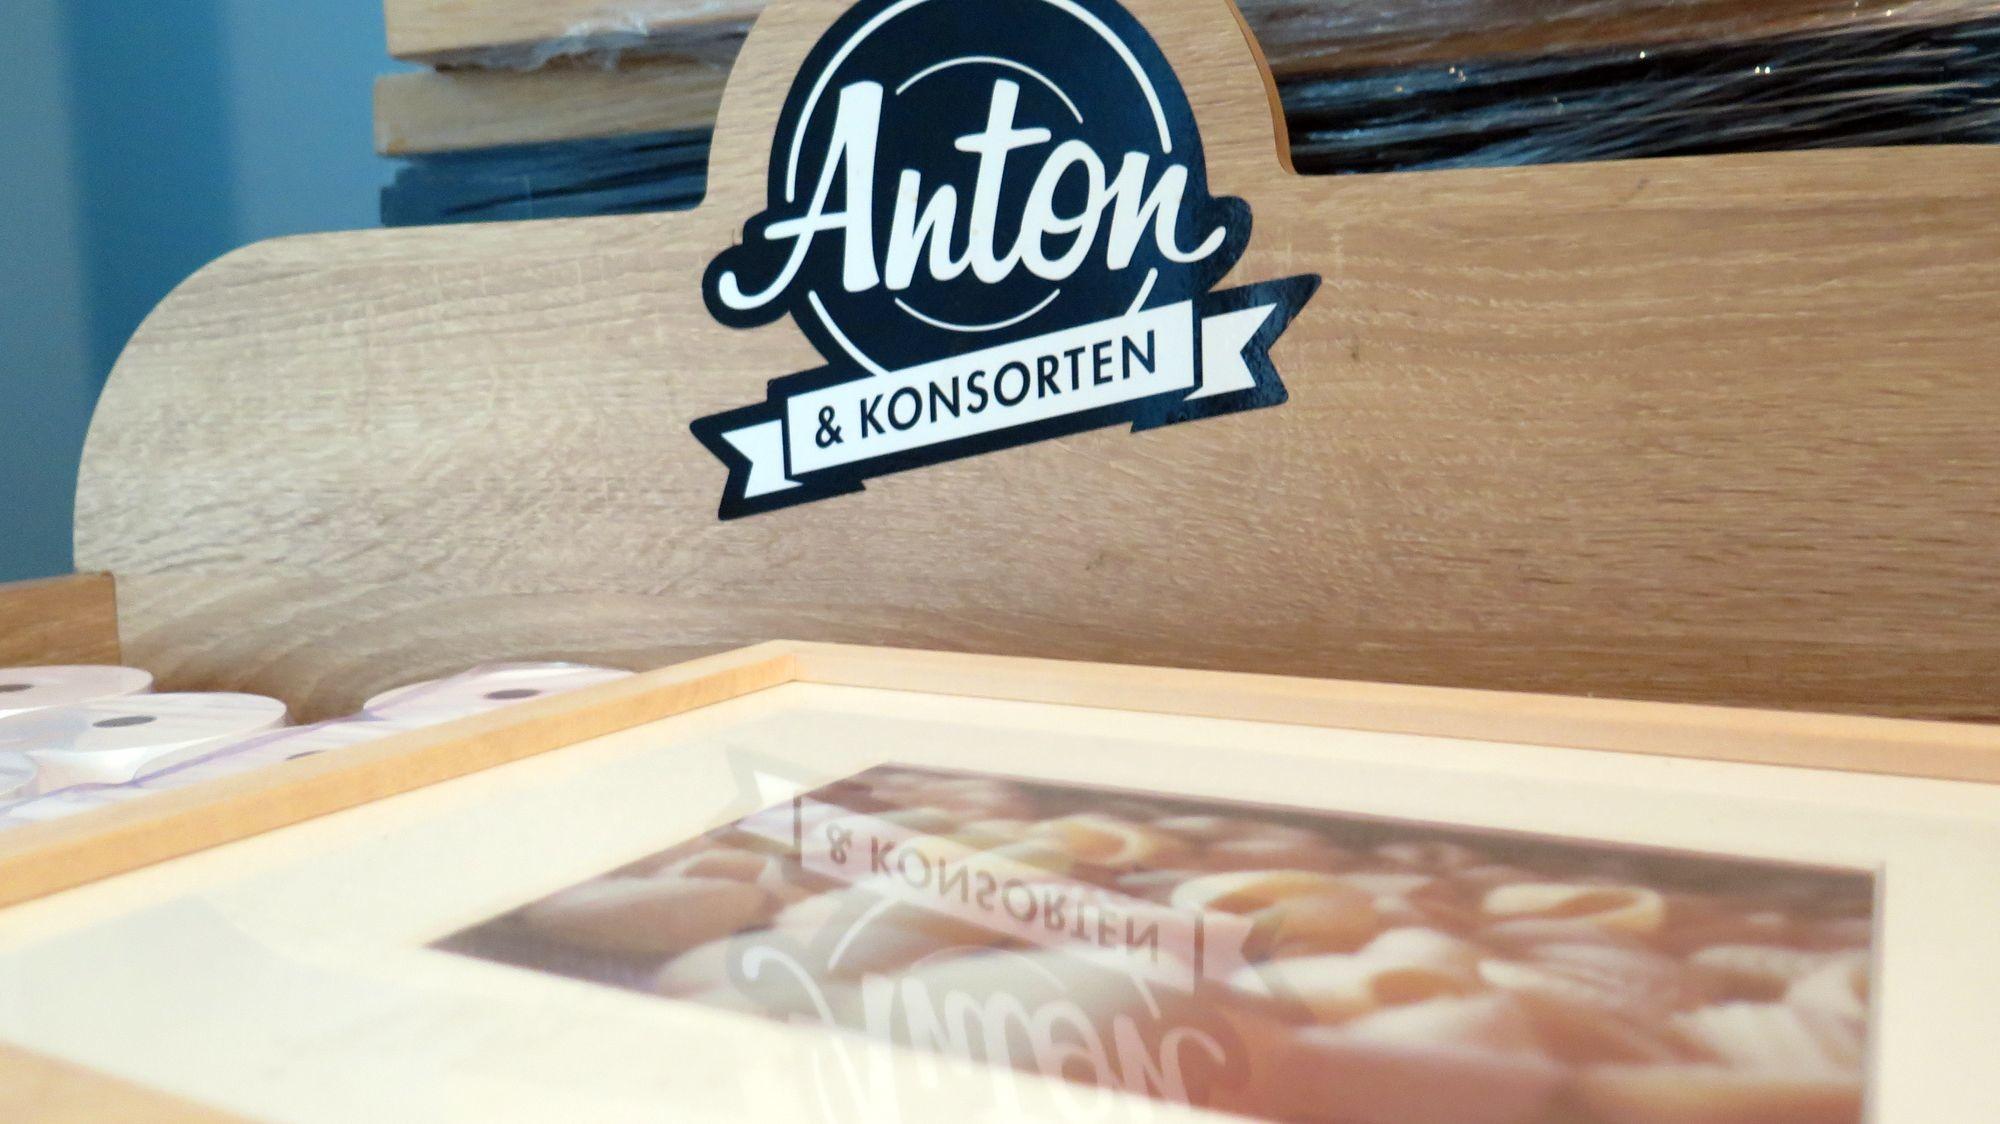 Anton und Konsorten - Eröffnung am 4. Dezember